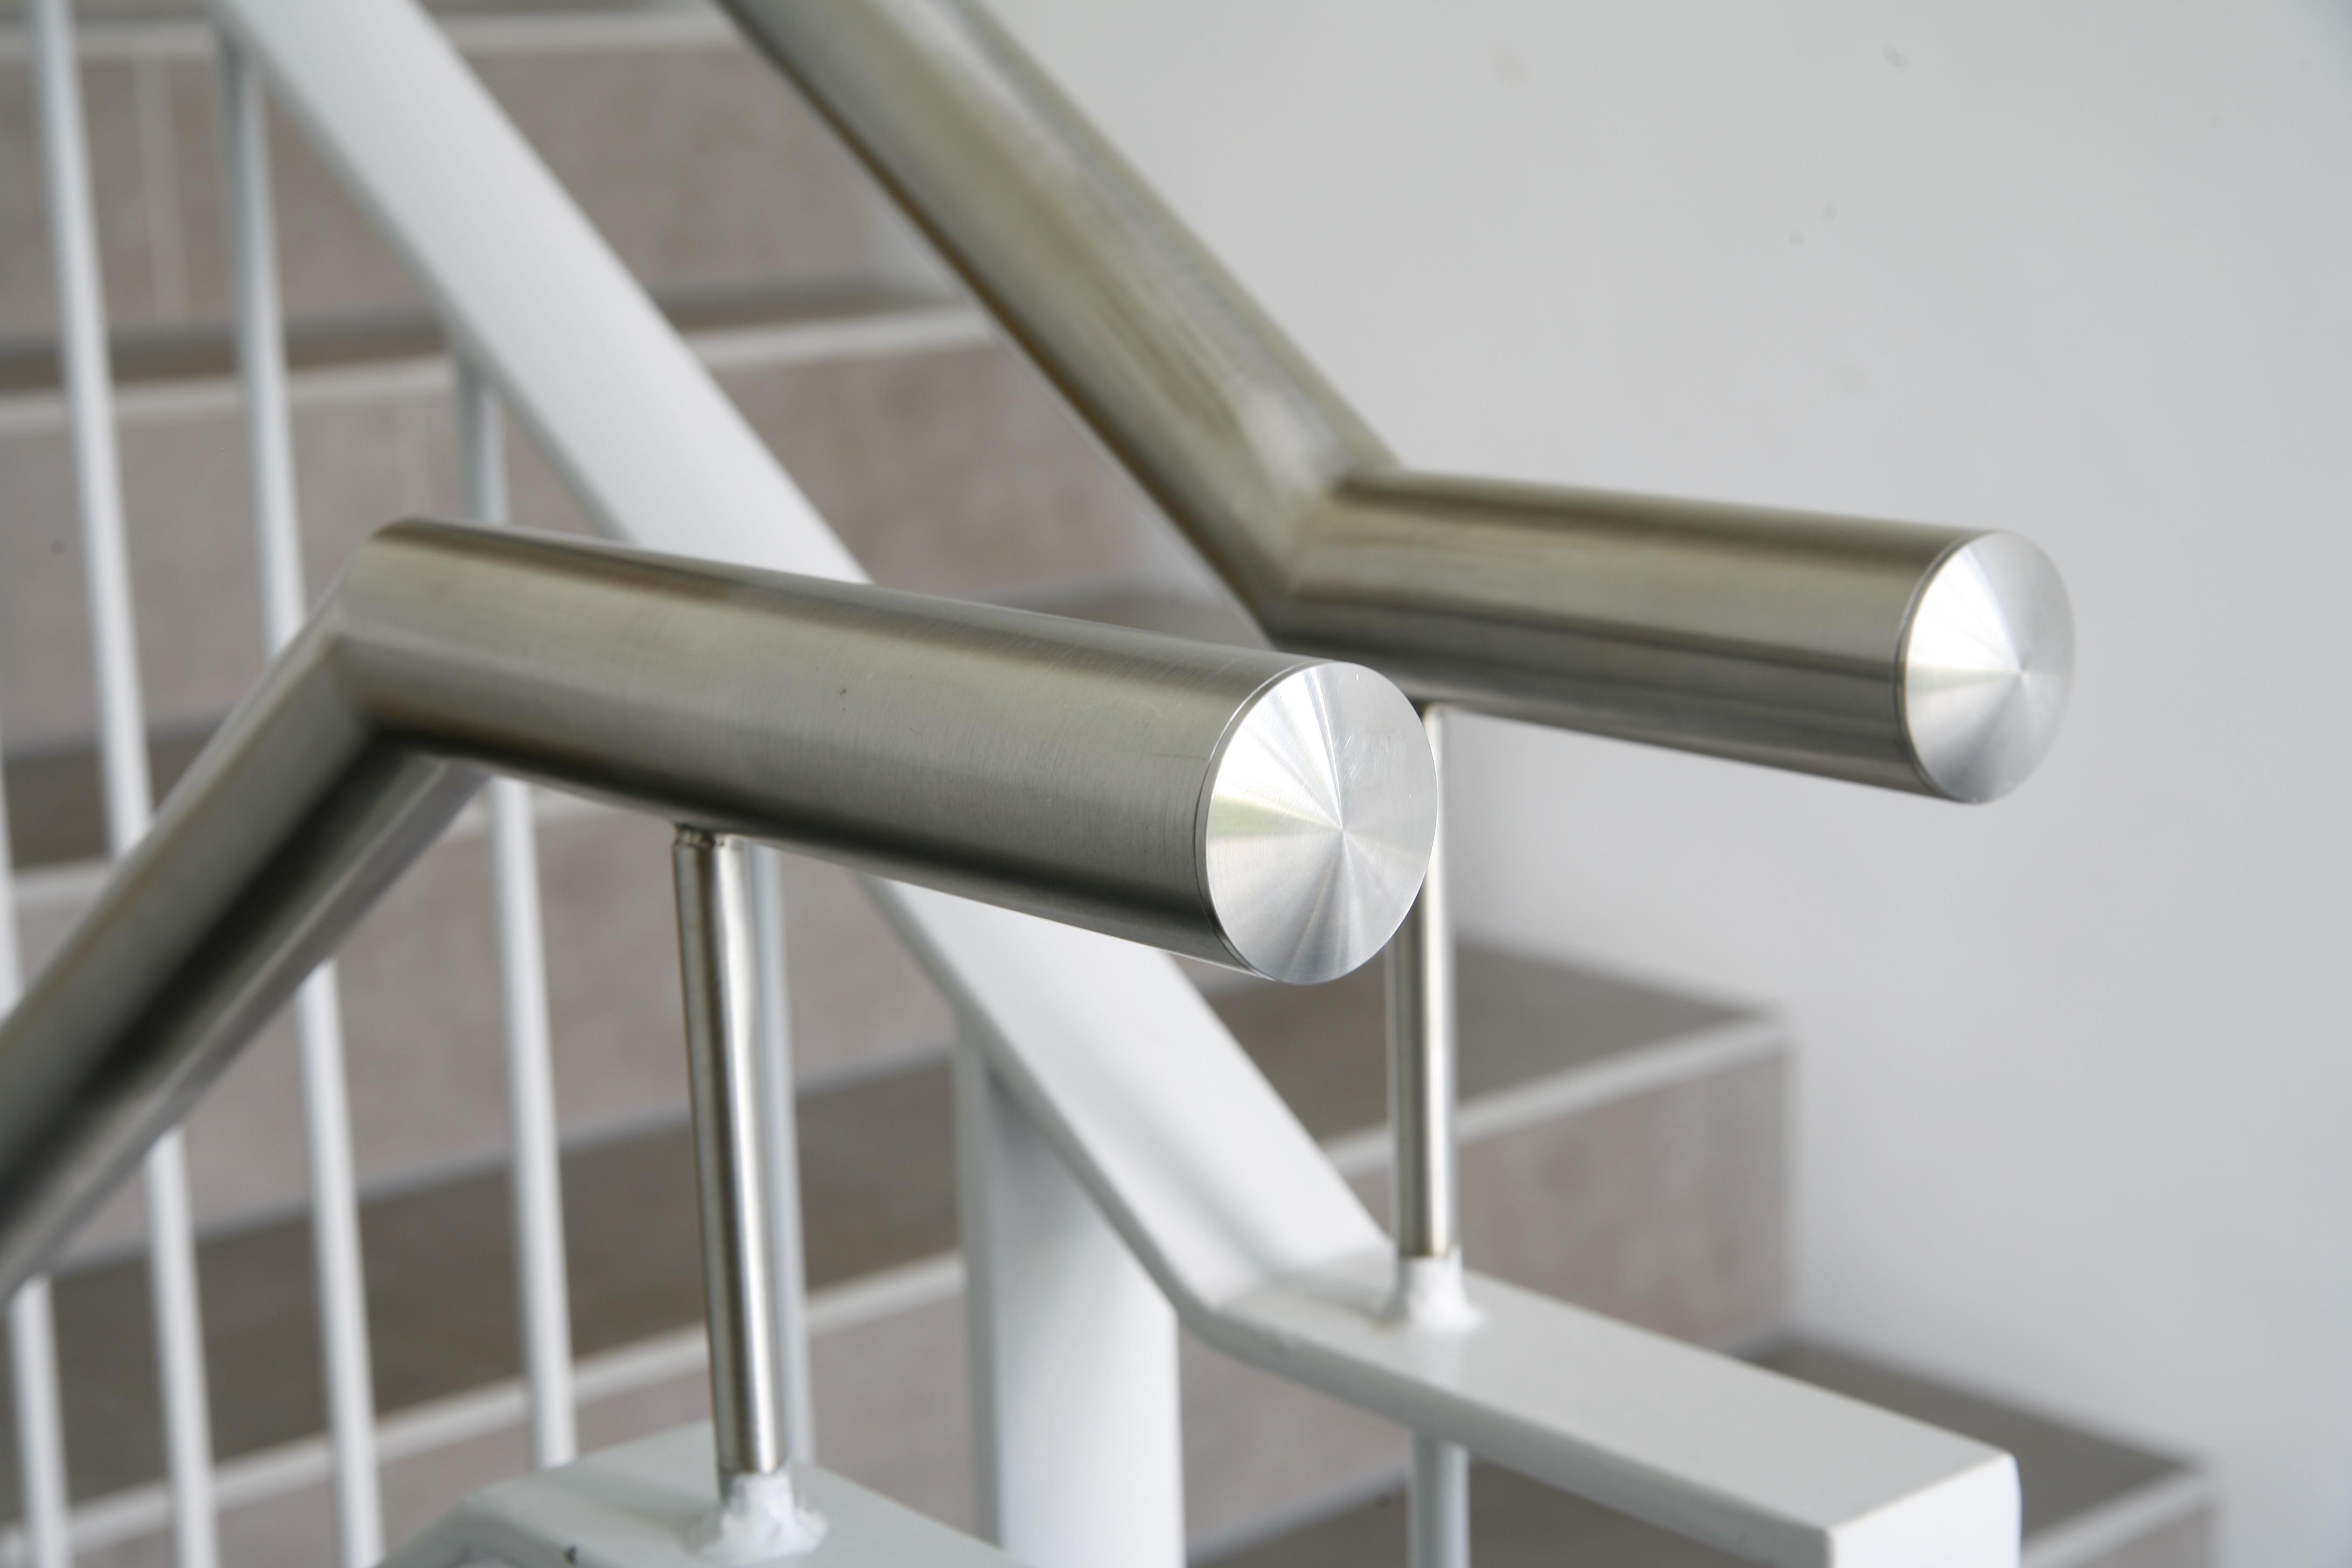 Stahlträger schlosserei tuak metallbau stahlbaufirma kreis mössingen tübingen reutlingen stuttgart